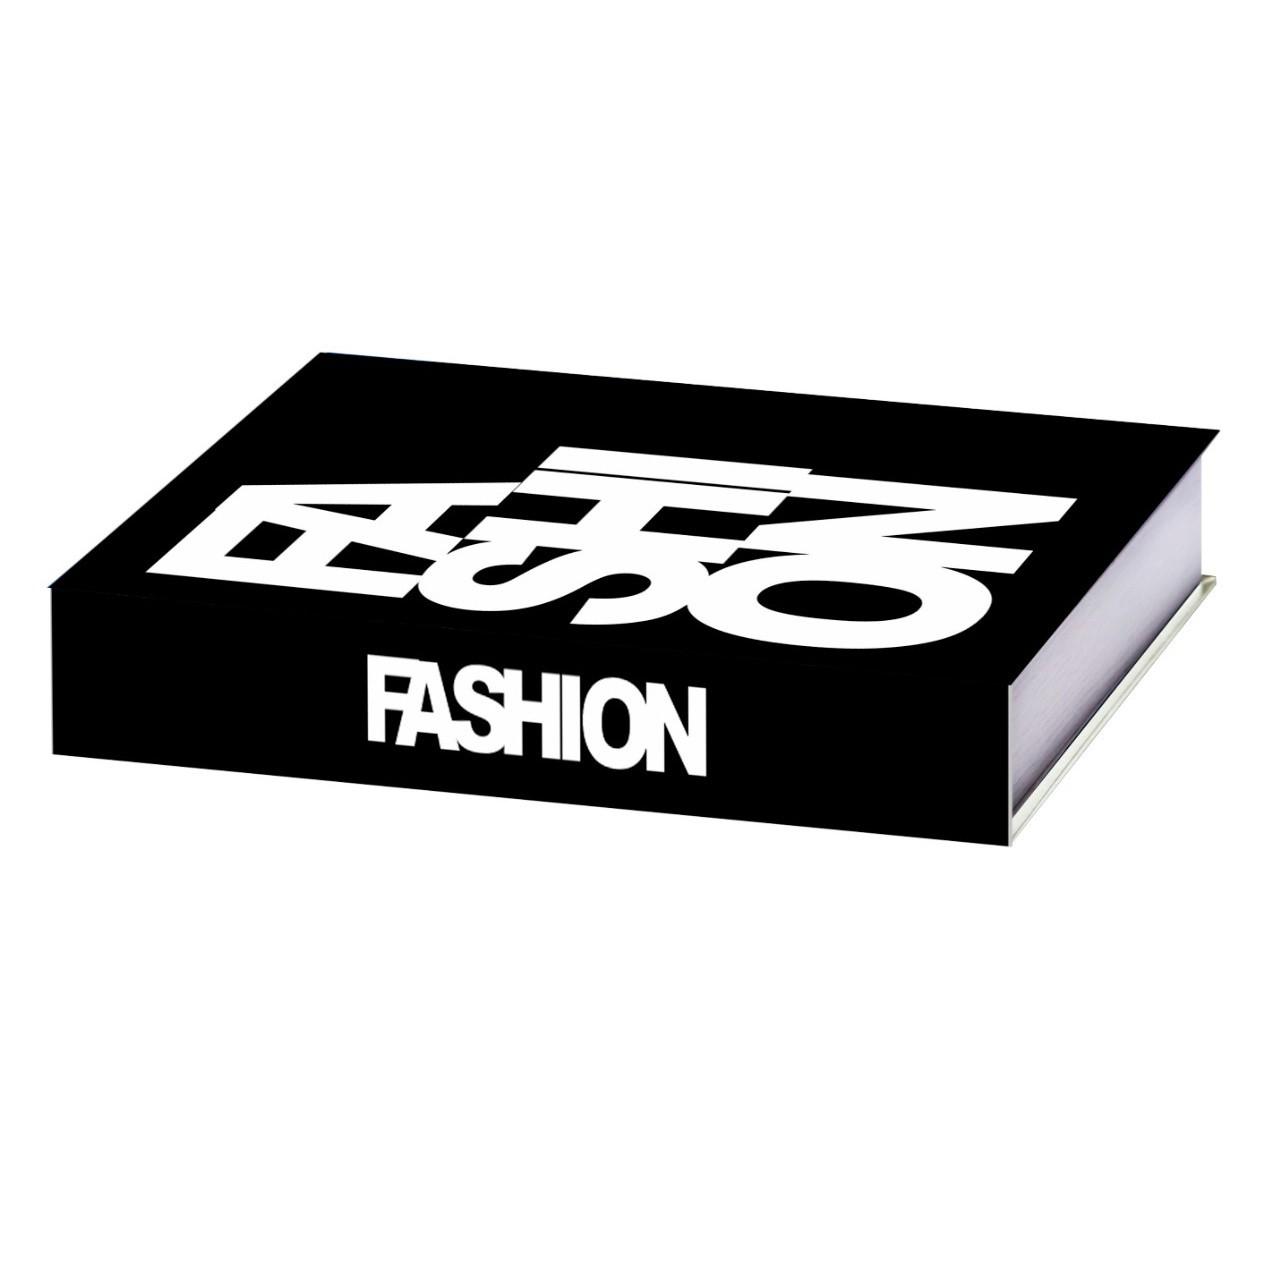 Caixa Livro Fashion 32x25x5cm